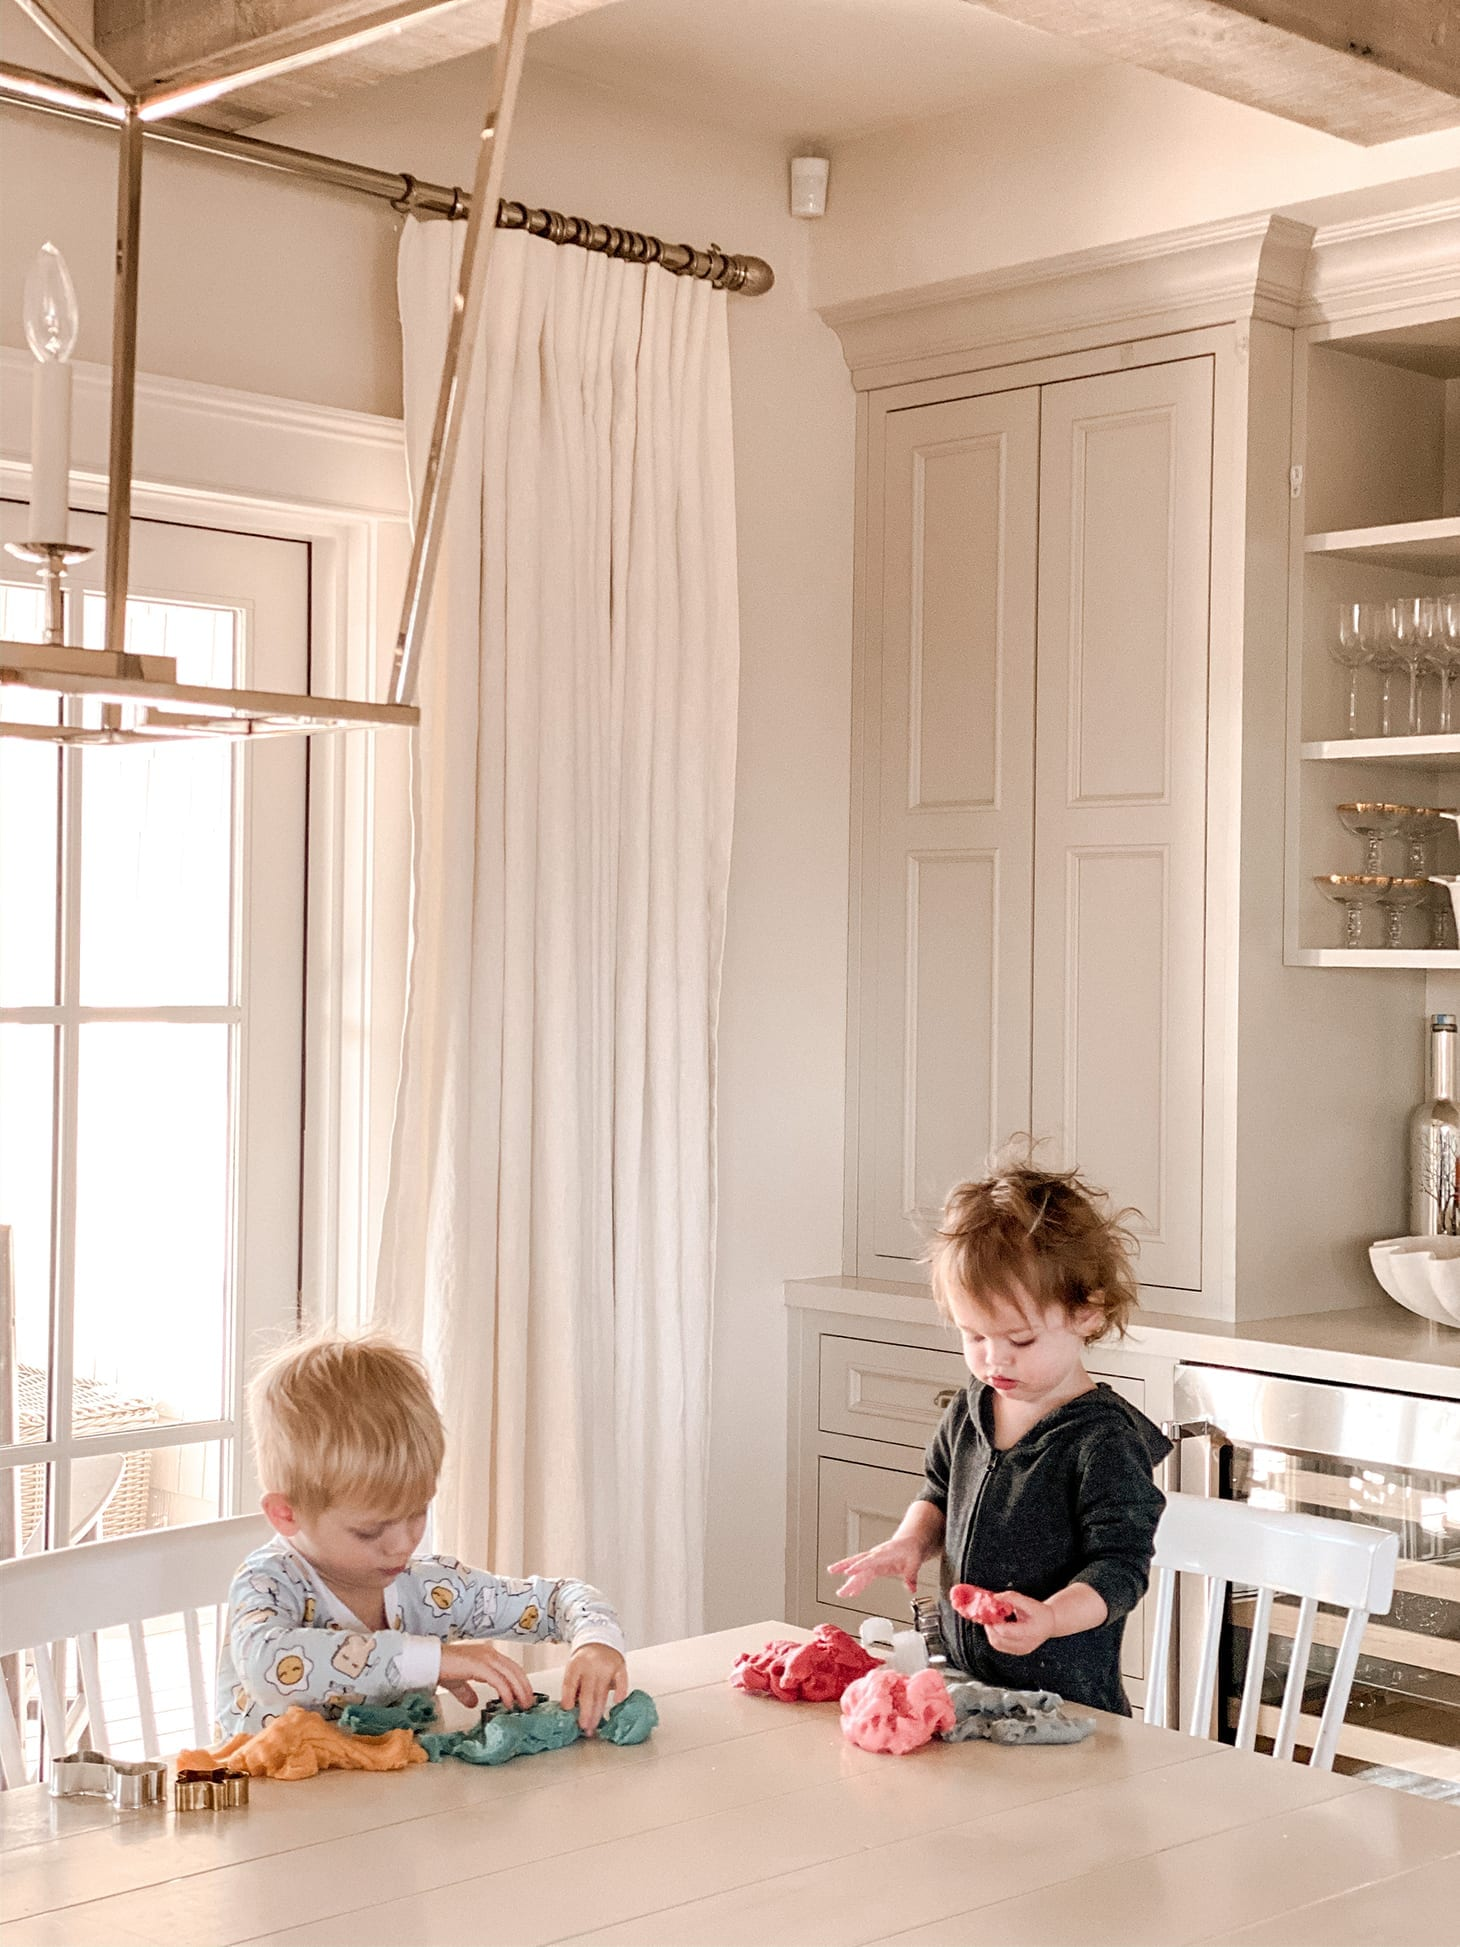 Jillian Harris' Kids Playing with Play Dough